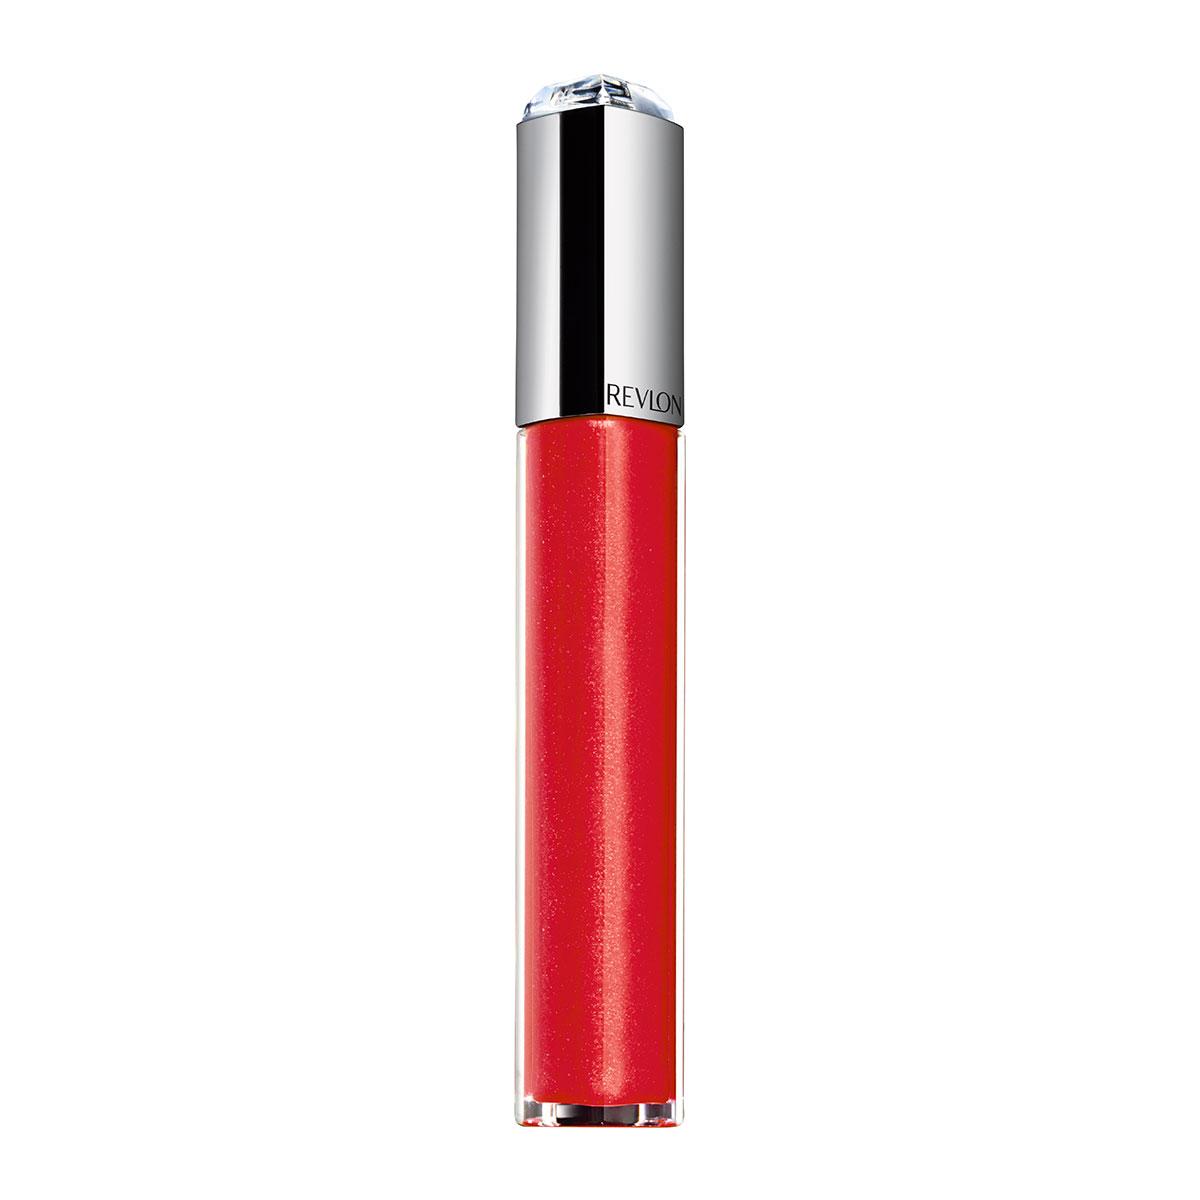 Revlon Помада-блеск для Губ Ultra Hd Lip Lacquer Strawberry topaz 535 5,9 мл7210464050Придайте своим губам сияние с Revlon Ultra HD Lip Lacquer. Инновационная лаковая формула дарит вашим губам глубокий, насыщенный цвет без утяжеления. Блеск-лак для губ с тонкой текстурой, не насыщенной восками. Легкая формула обогощена маслами кокоса и манго. Супер-пигментирован! Плотность покрытия тонкое без ощущения липкости. Насыщенная яркая палитра для создания разных образов: от естественного дневного до вечернего макияжей. Устойчивый результат. Насыщенный, сияющий цвет визуально увеличивающий объем.Какая губная помада лучше. Статья OZON Гид